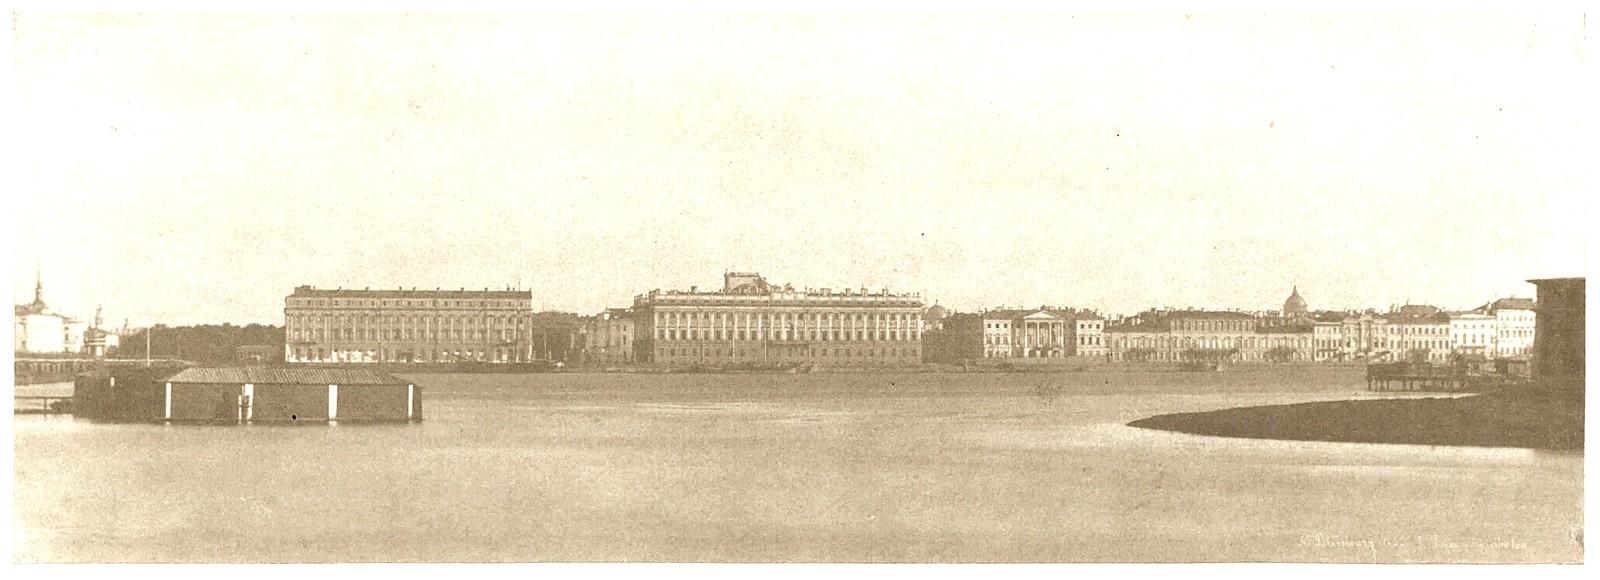 Дворцовая набережная, вид от Петербургской стороны. 1853